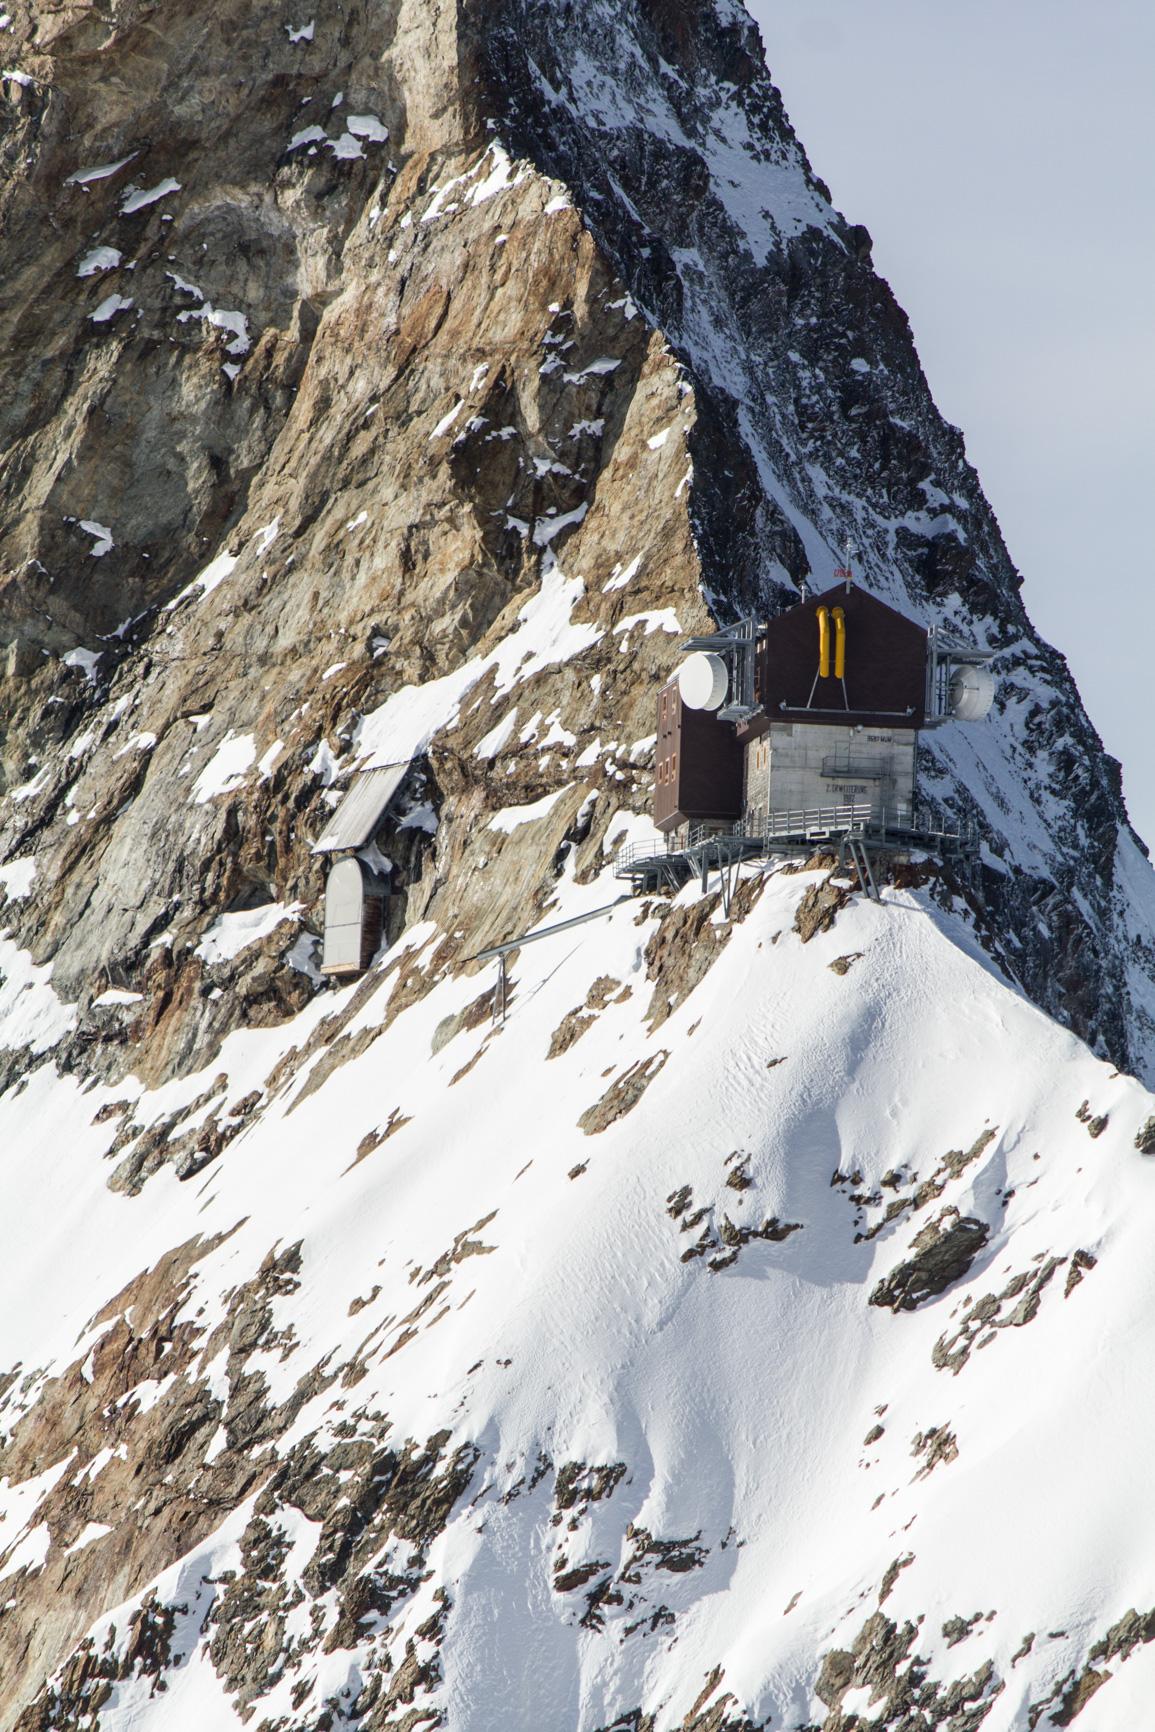 Jungfraujoch Radio Relay Station